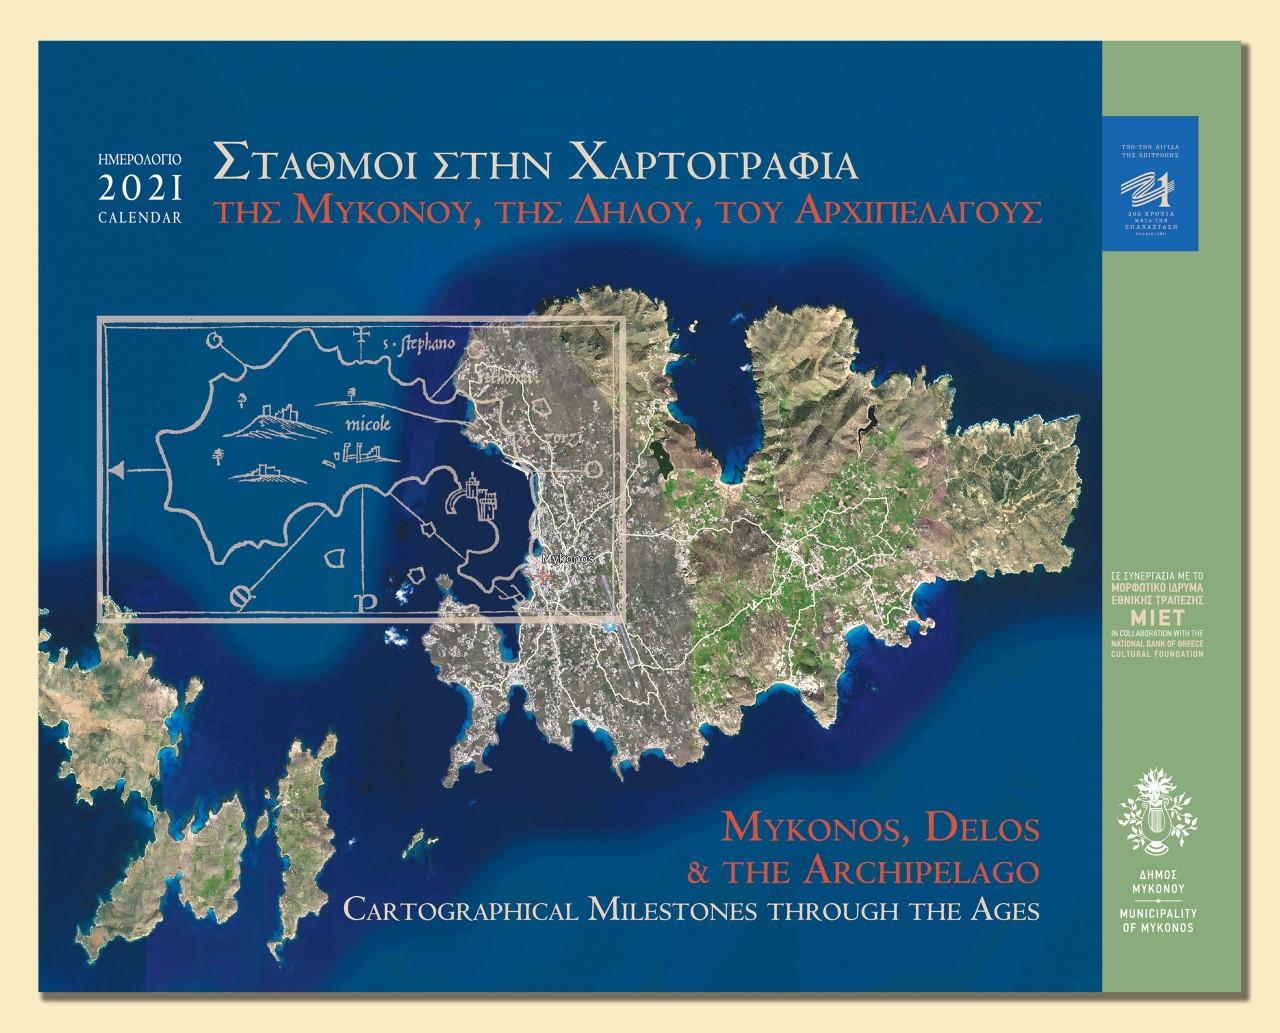 Το ημερολόγιο του Δήμου Μυκόνου για το 2021